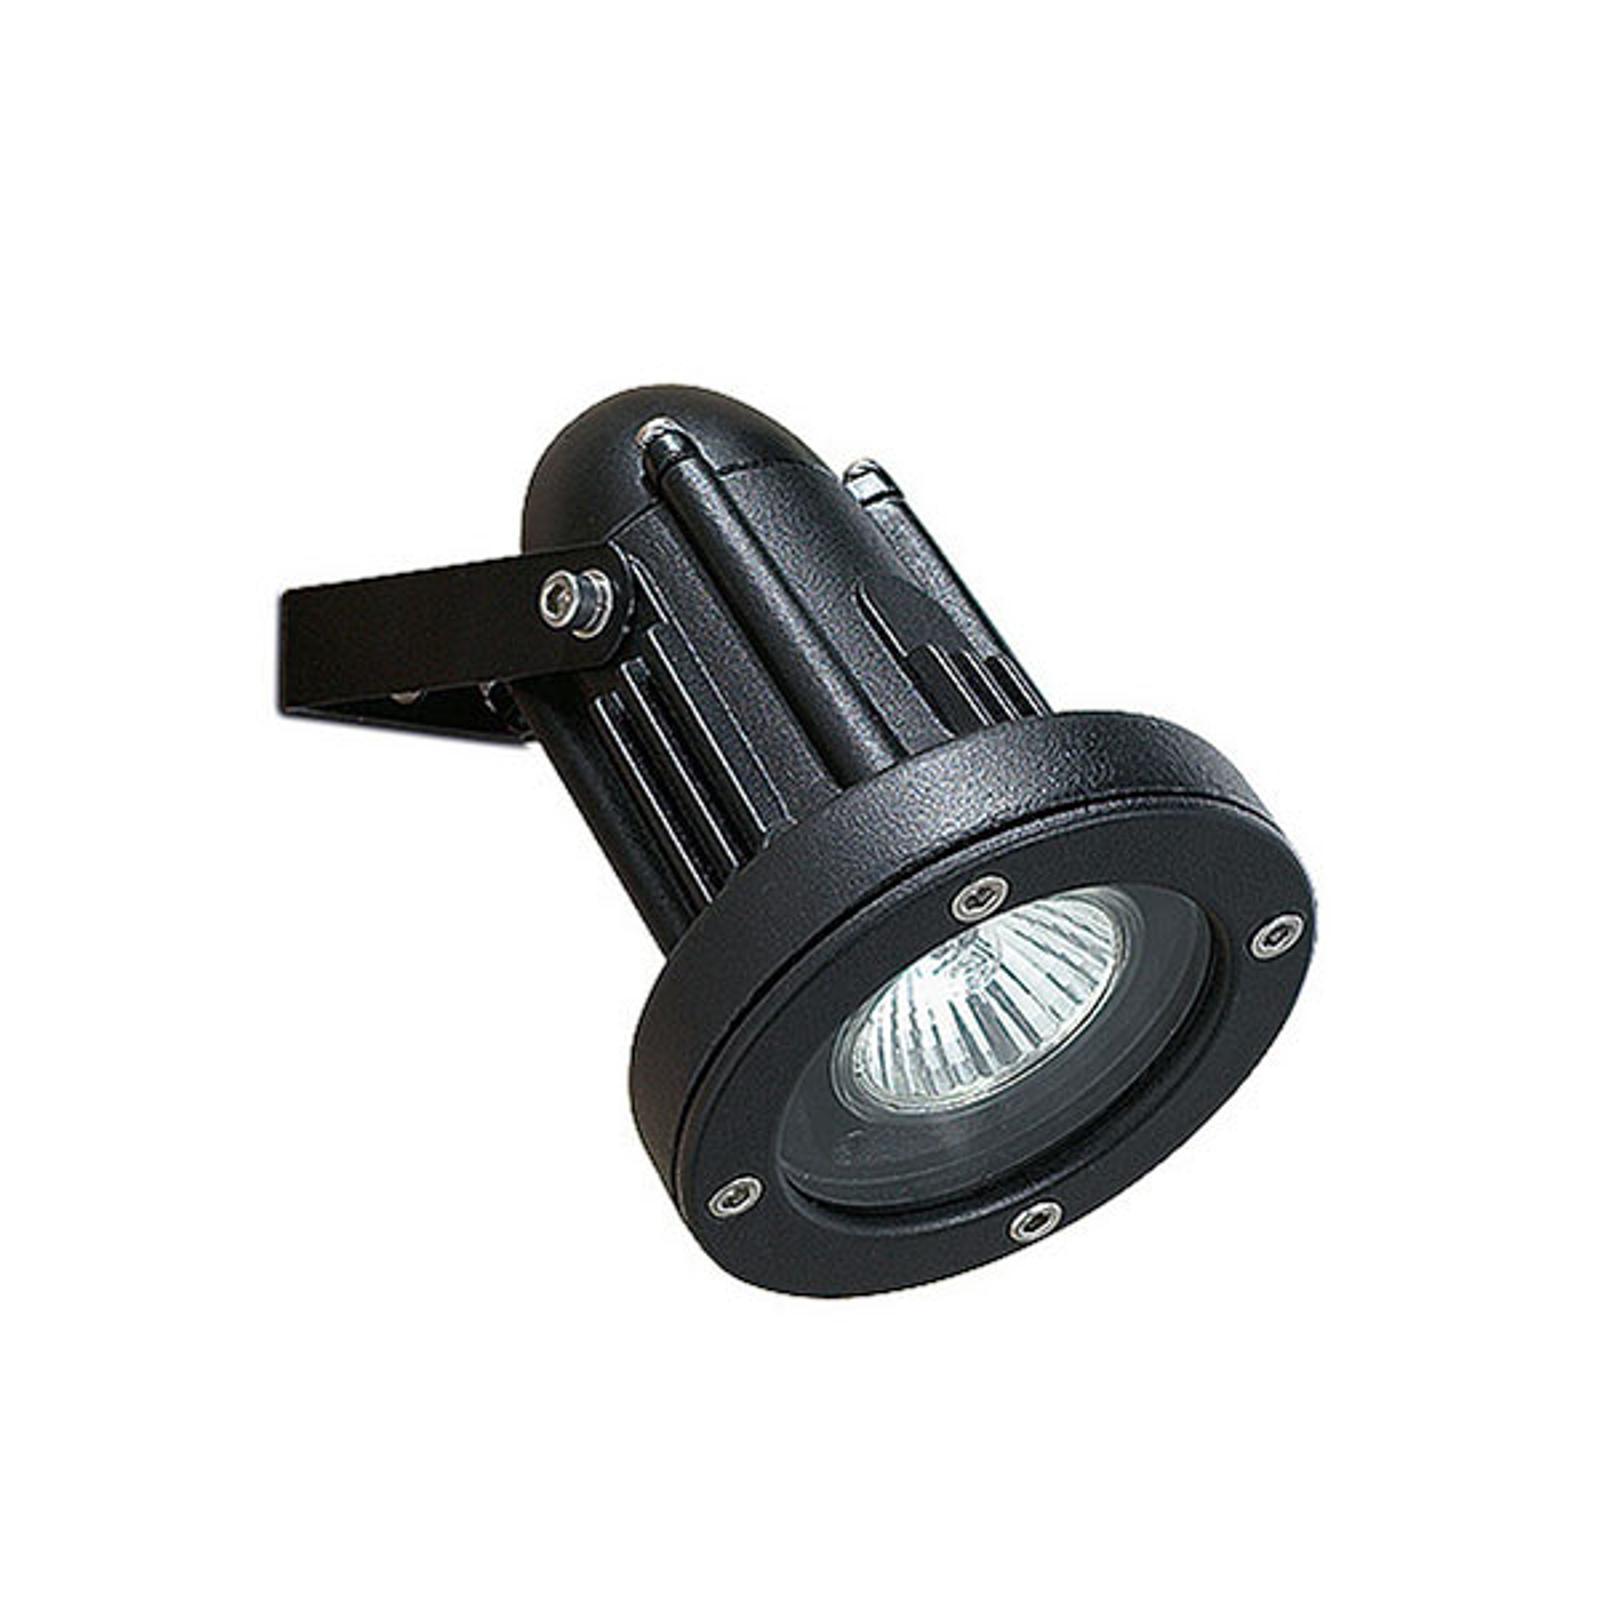 Solidny wychylny reflektor zewnętrzny Helio czarny